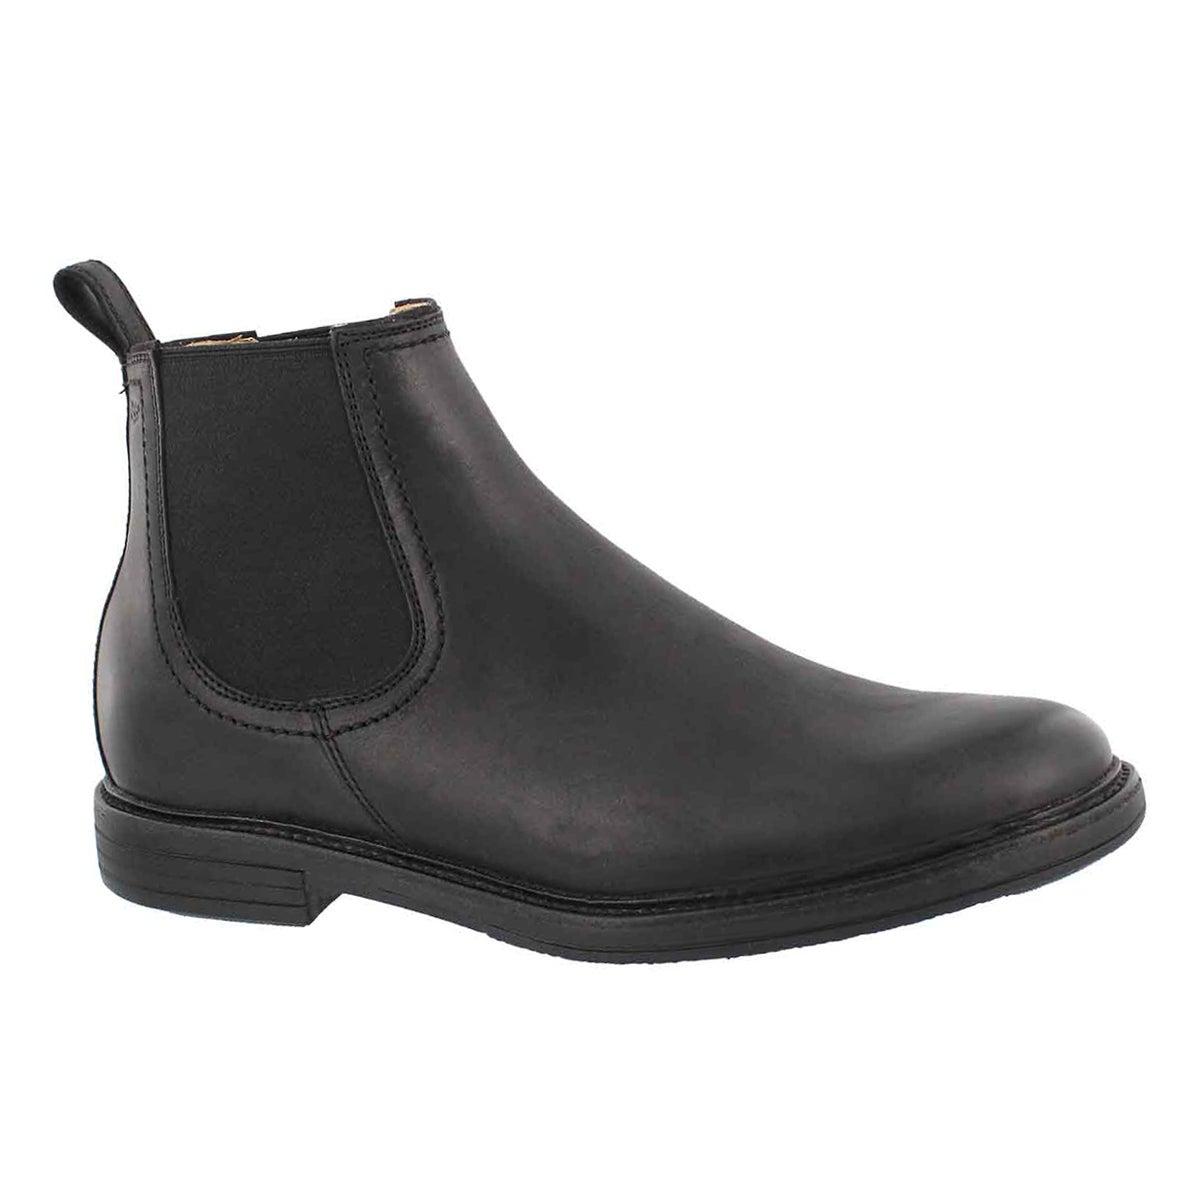 Men's BALDVIN black double gore chelsea boots